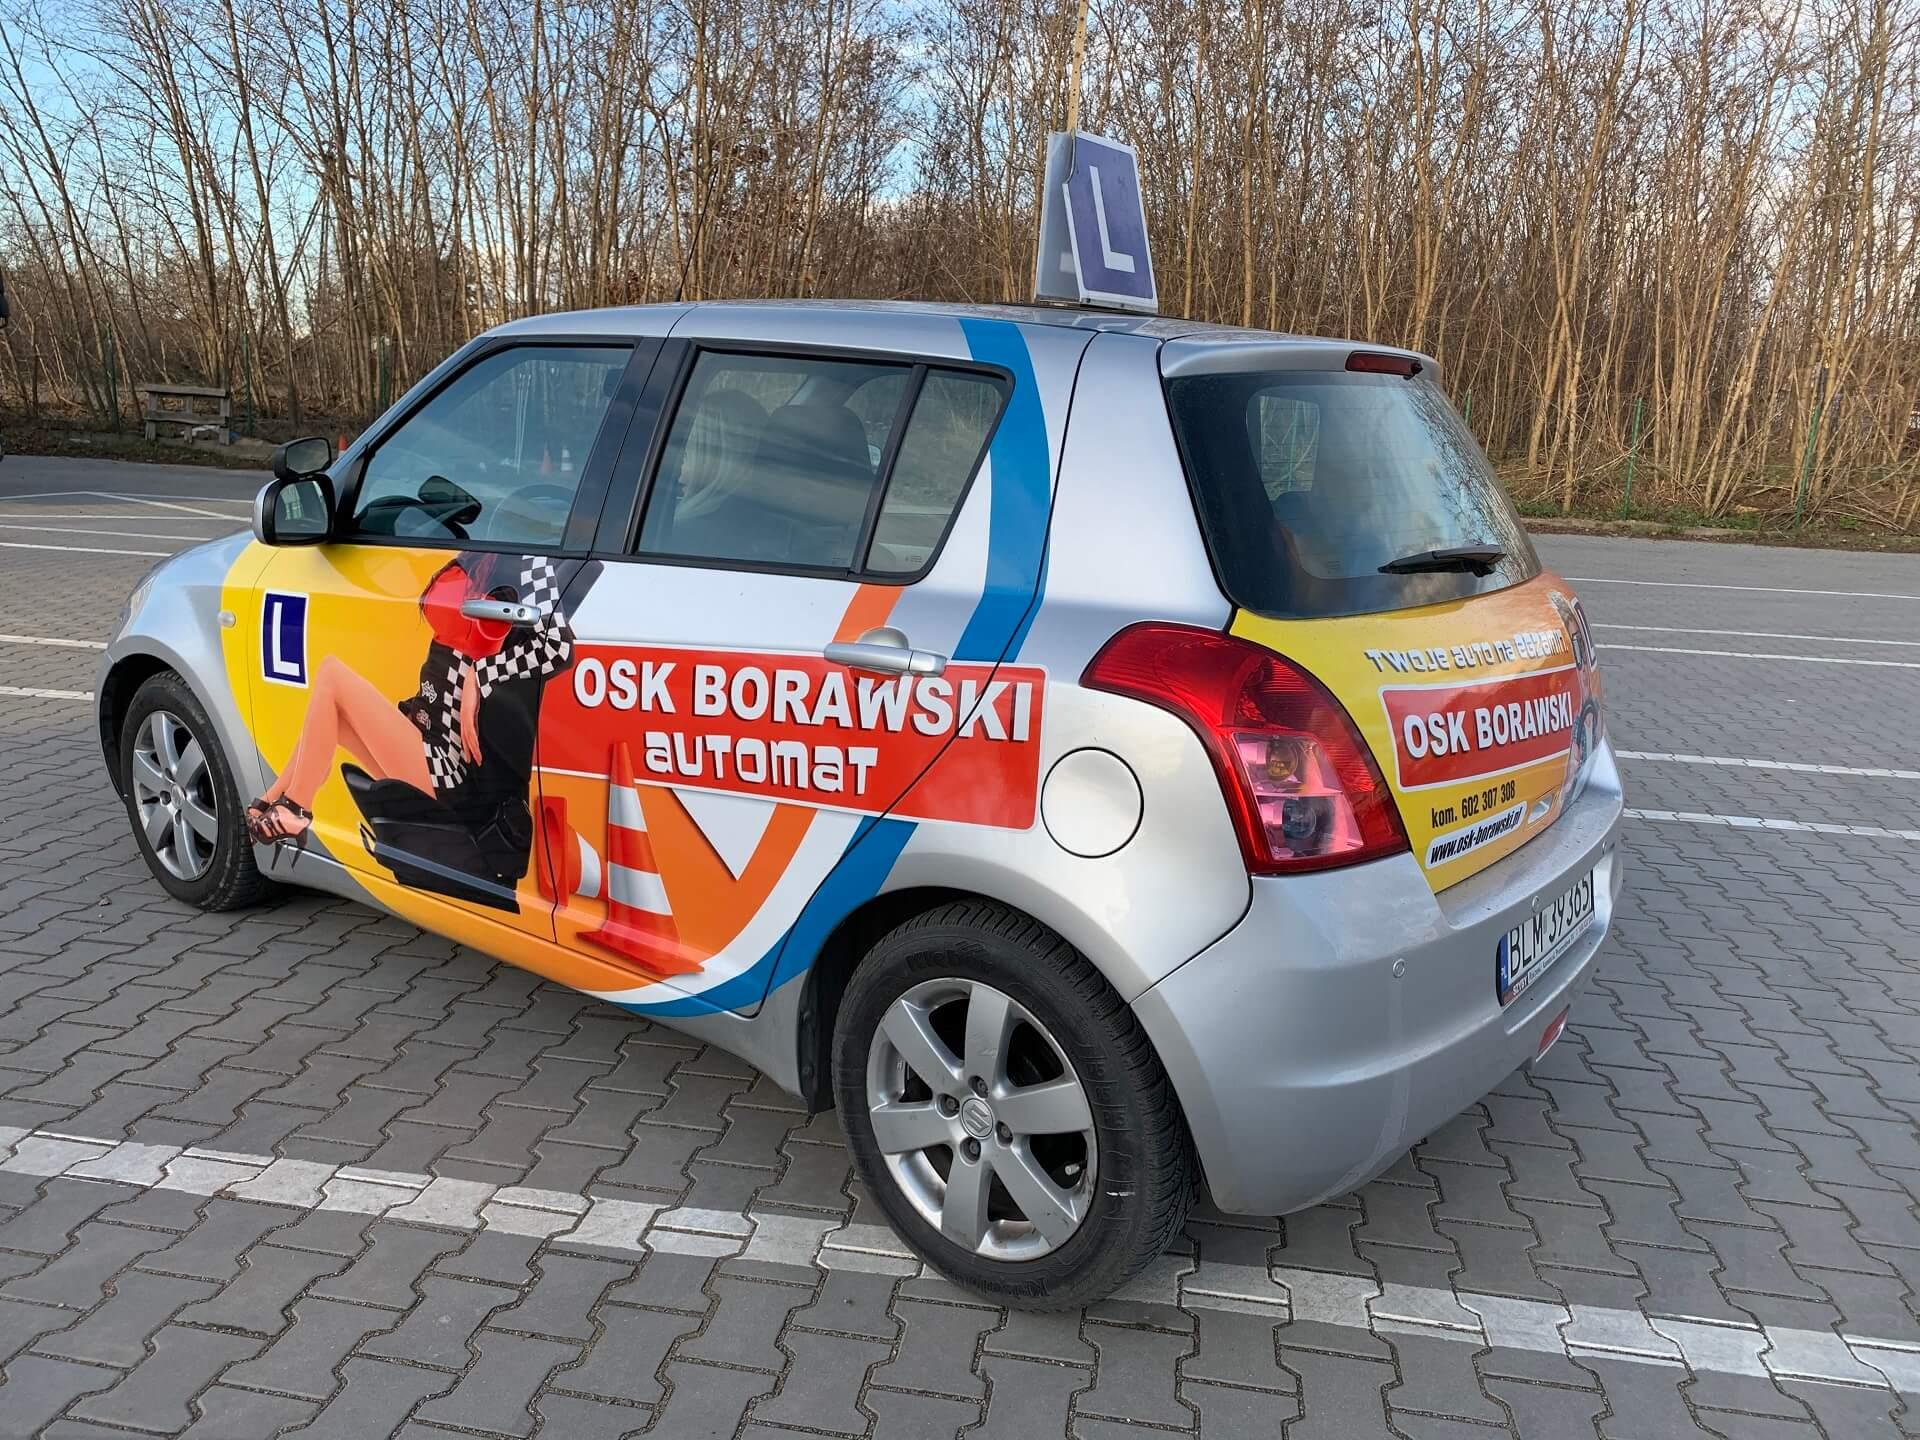 szkoła jazdy osk borawski